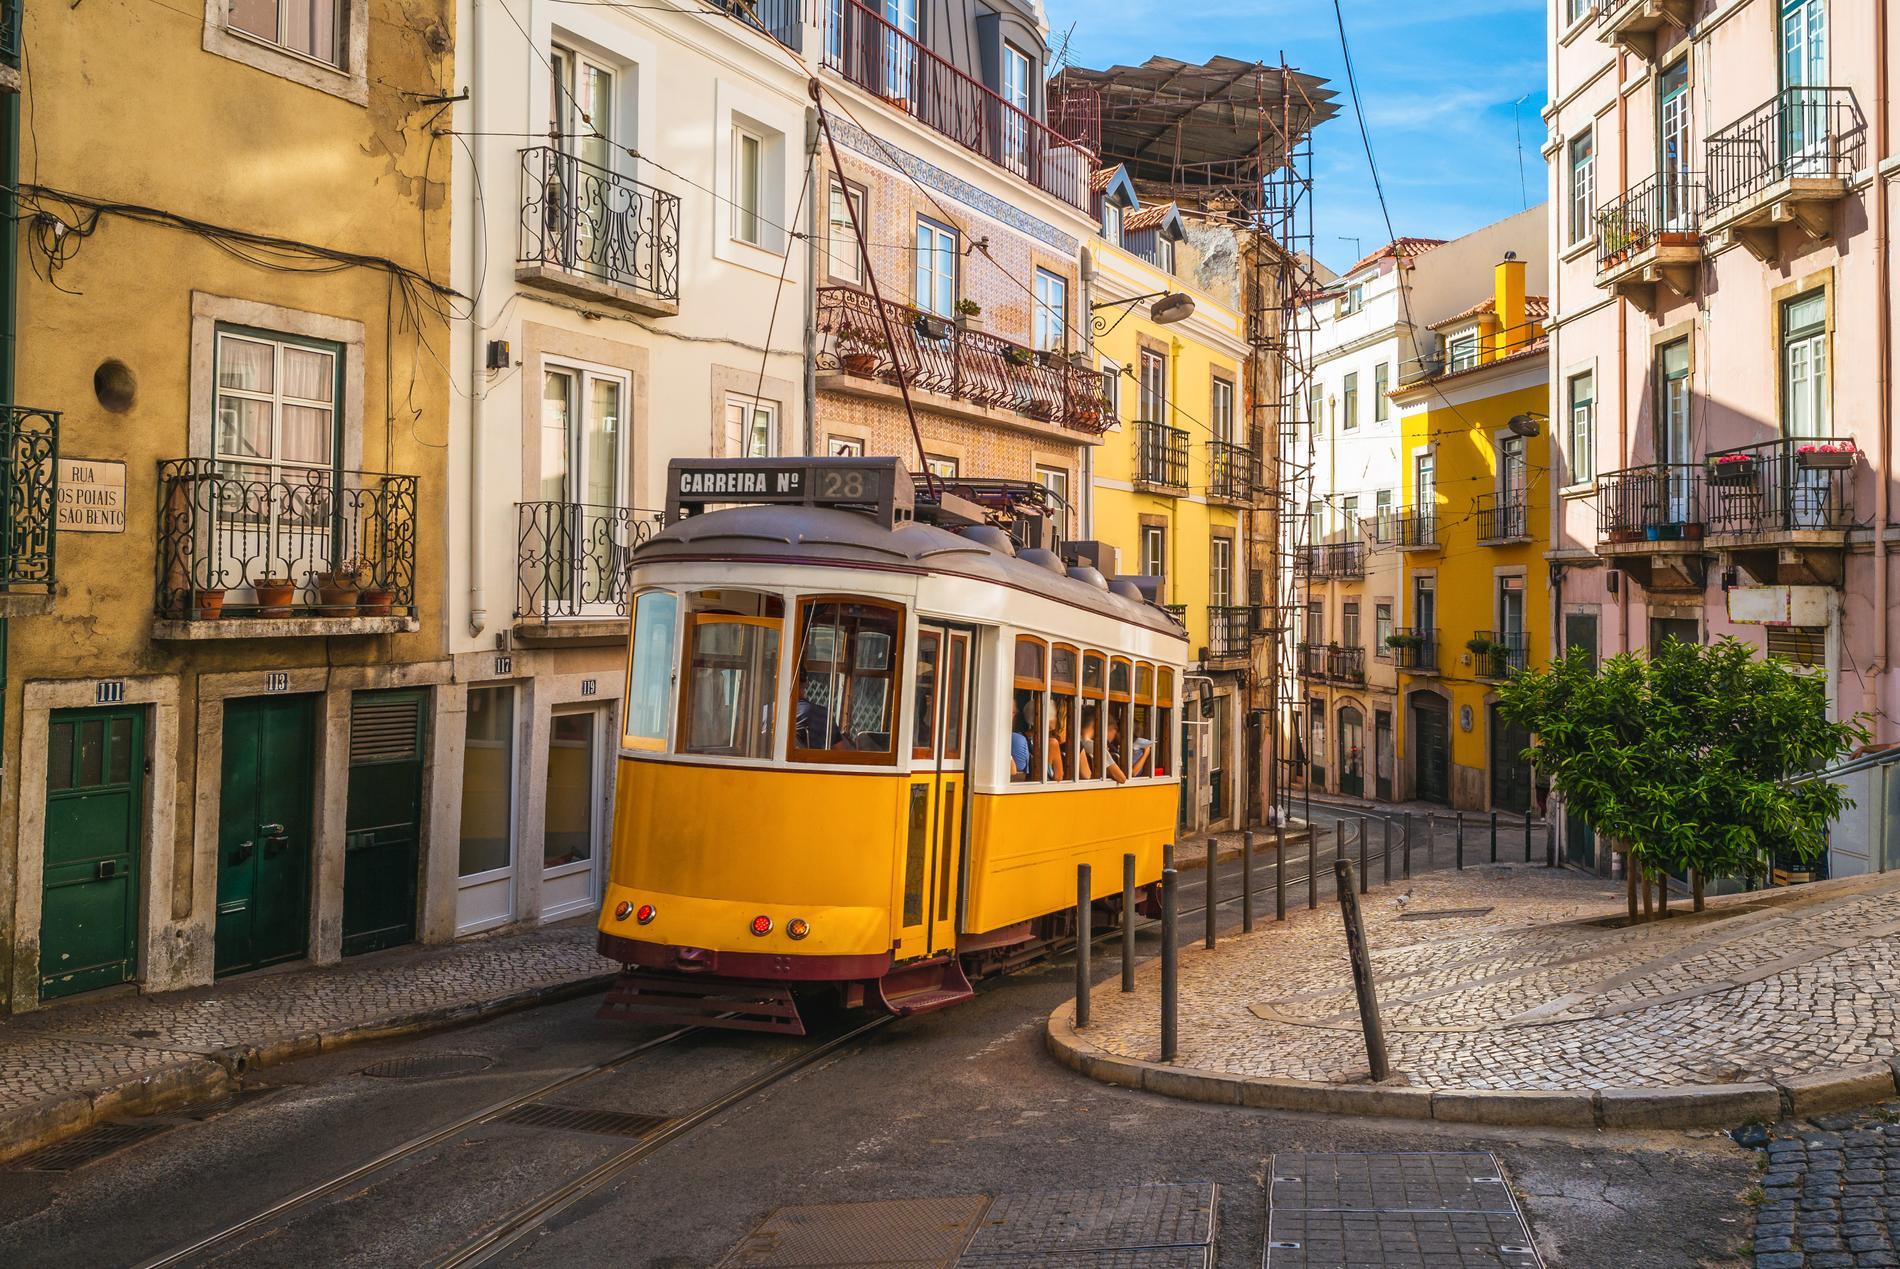 Besökare i Lissabon kan välja att se staden från dess spårvagnar.